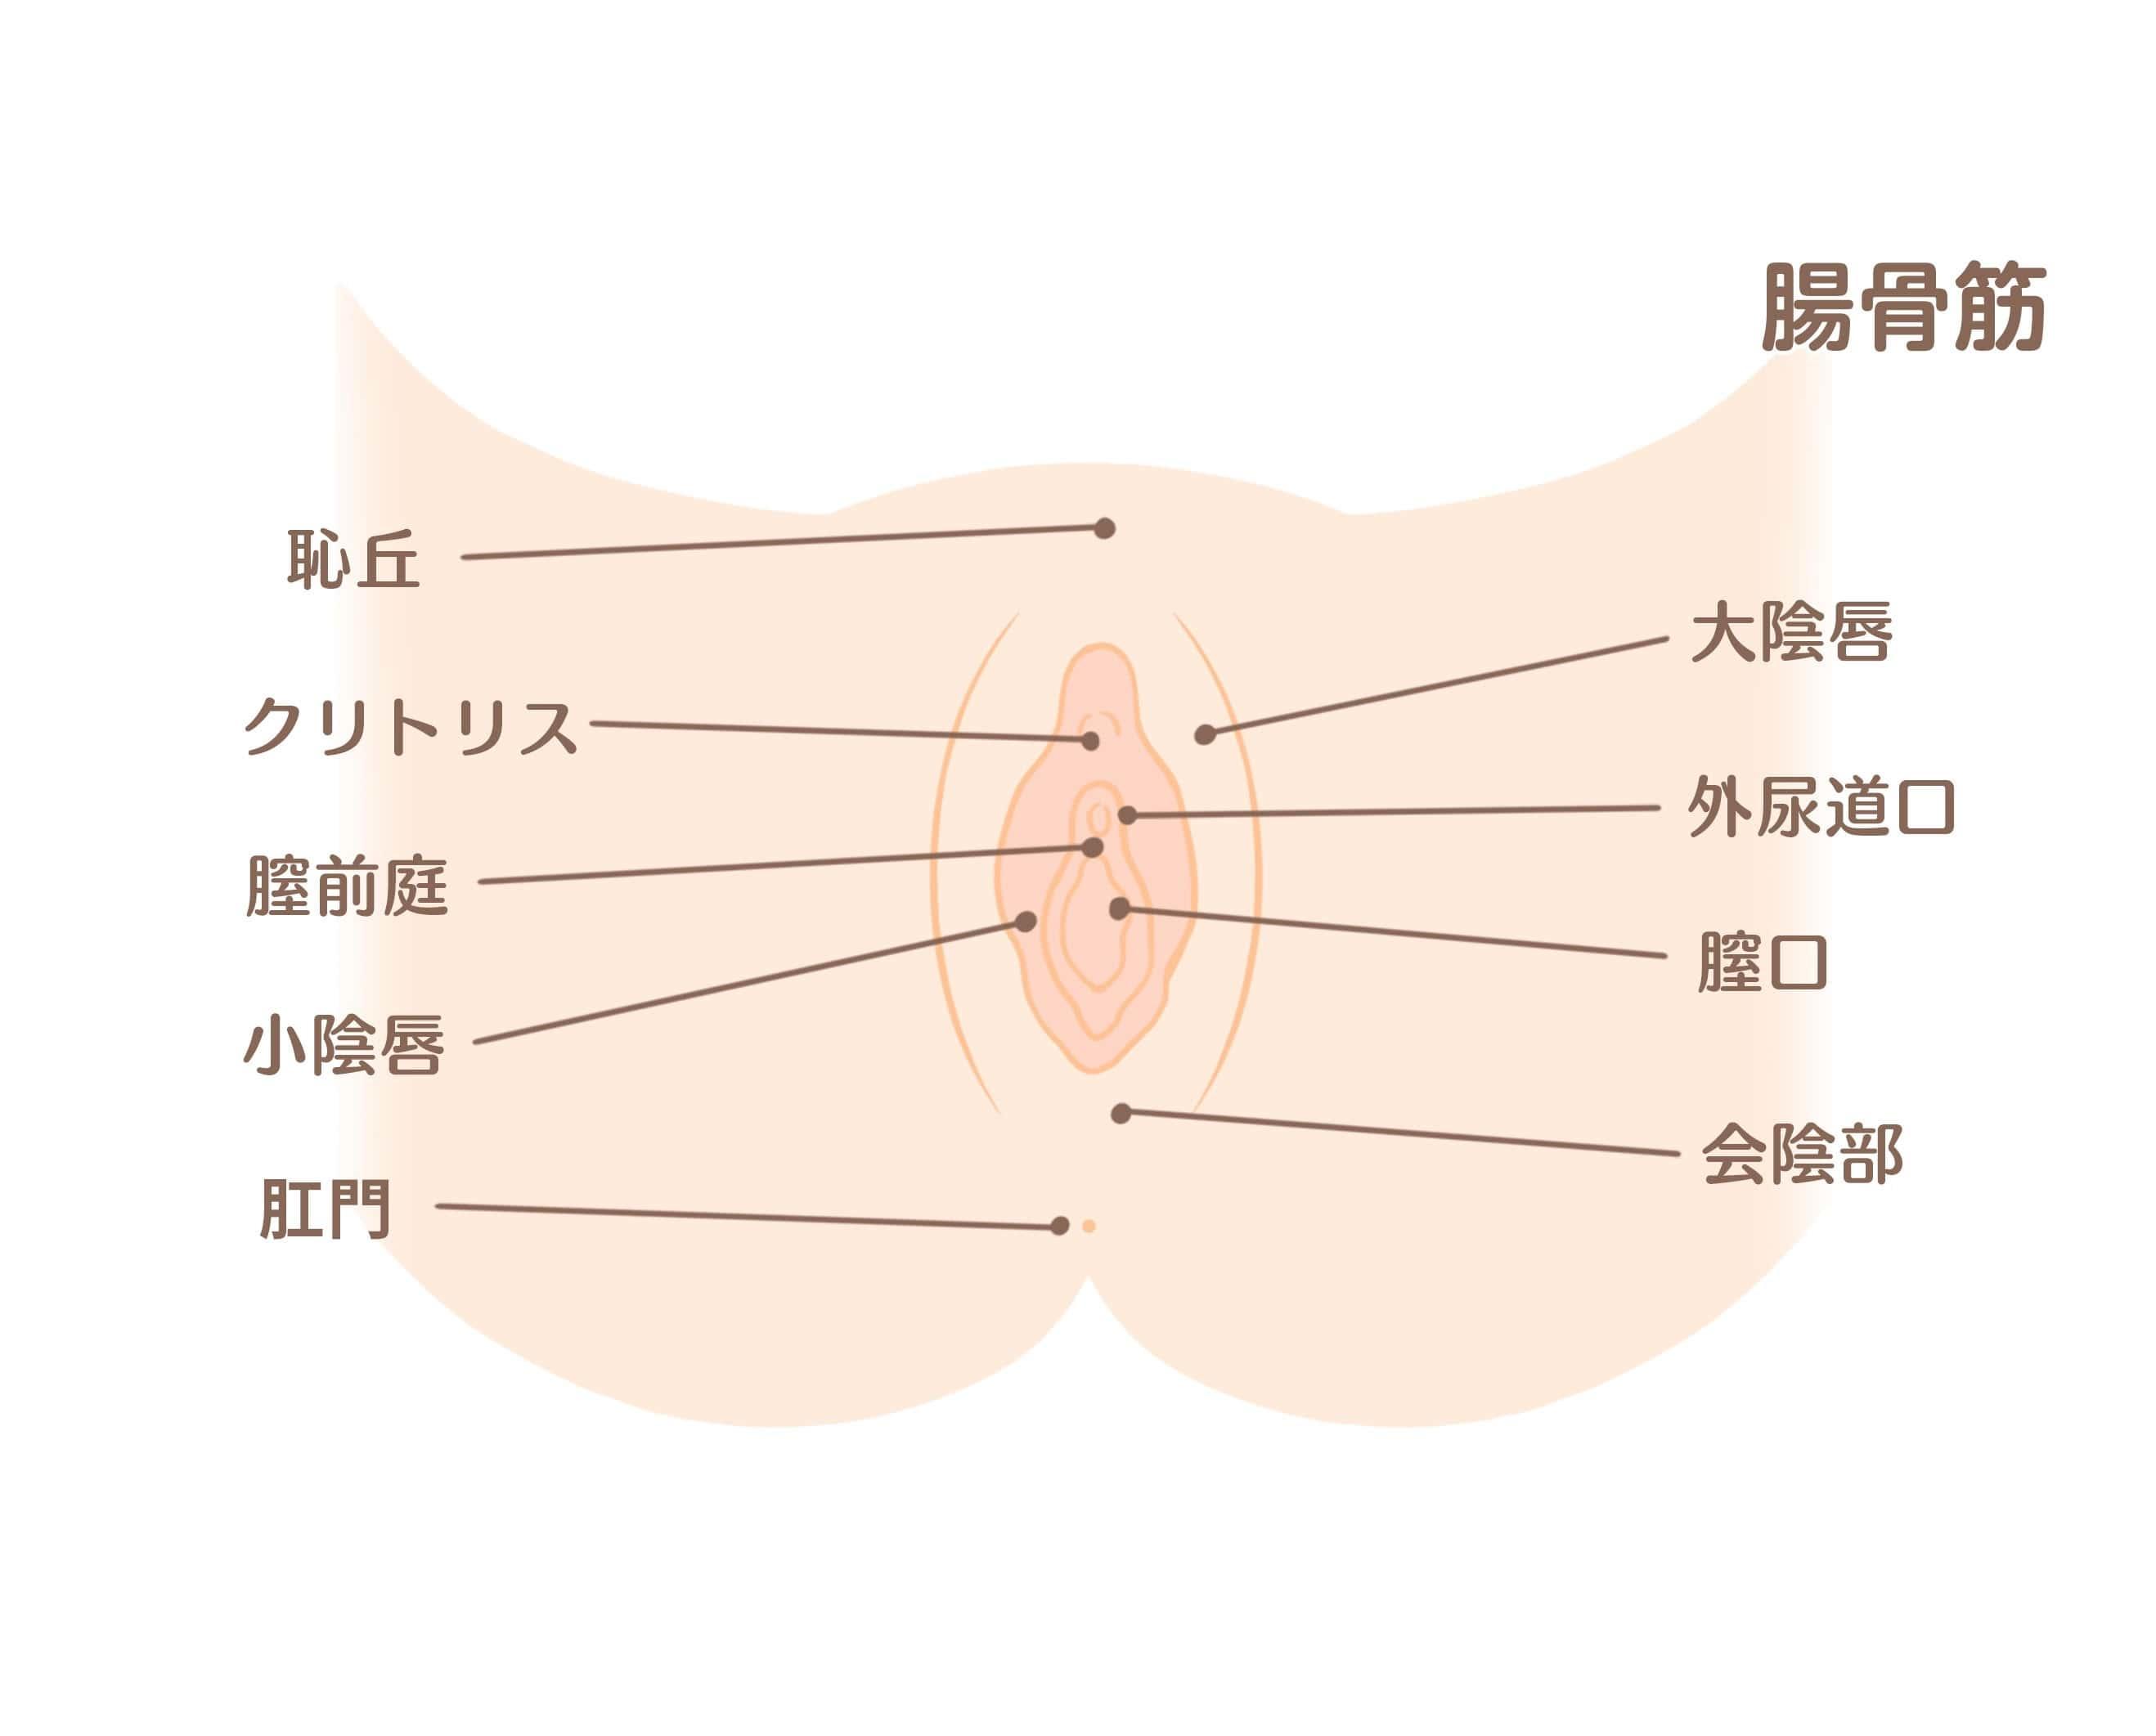 デリケートゾーン_2-min.jpg